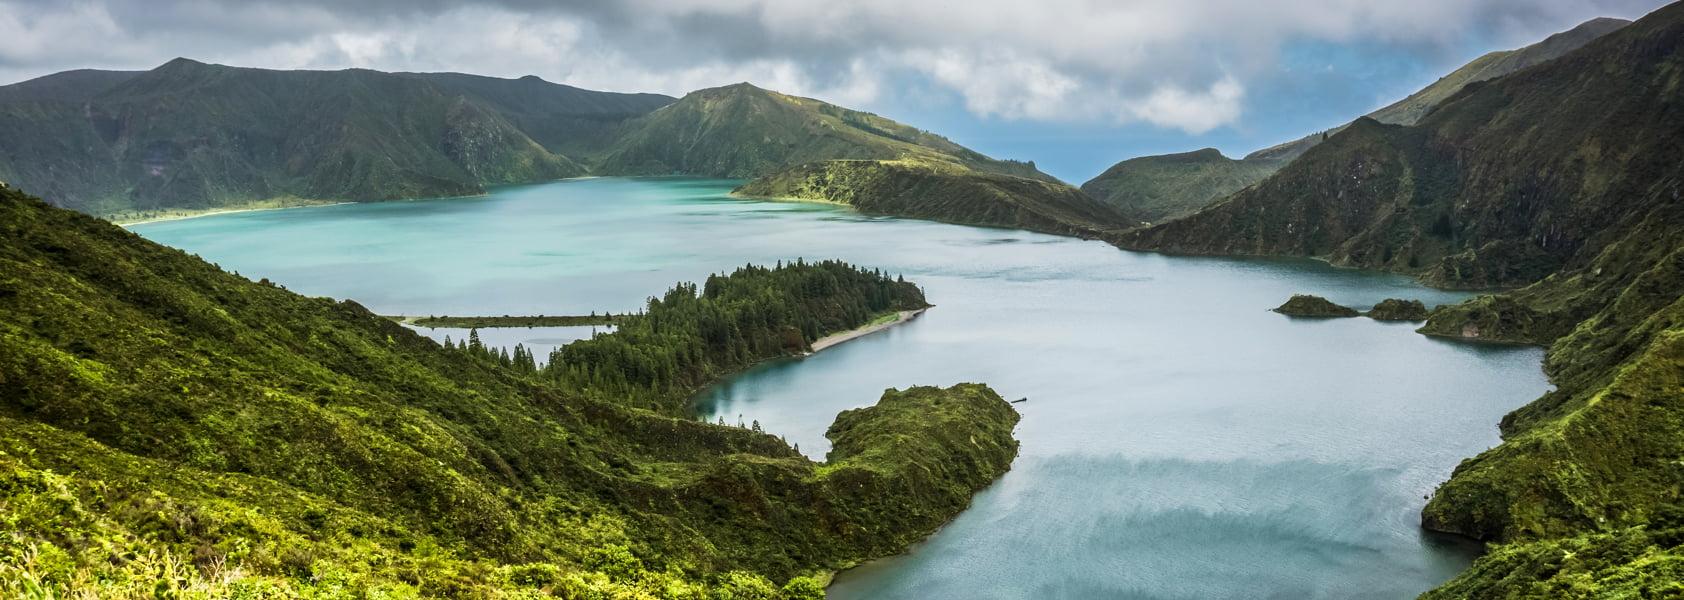 Azoren | Ontdek de Azoren